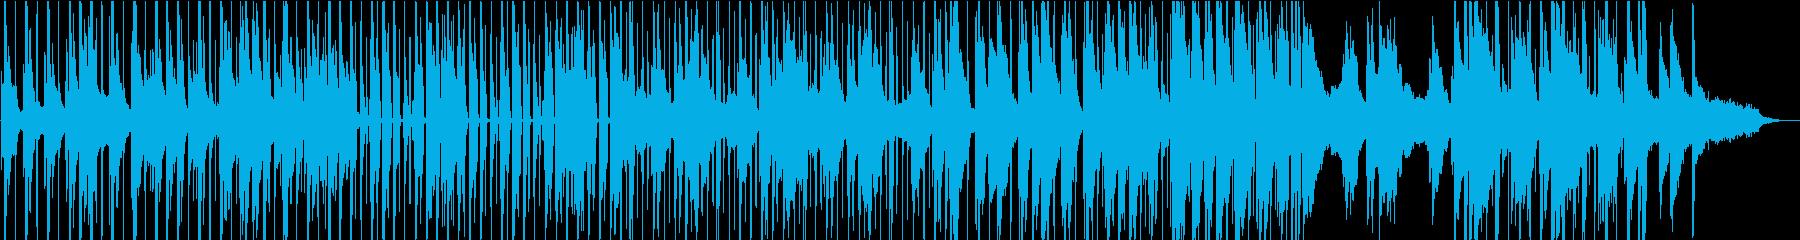 【ノスタルジック】LoFi Hiphopの再生済みの波形